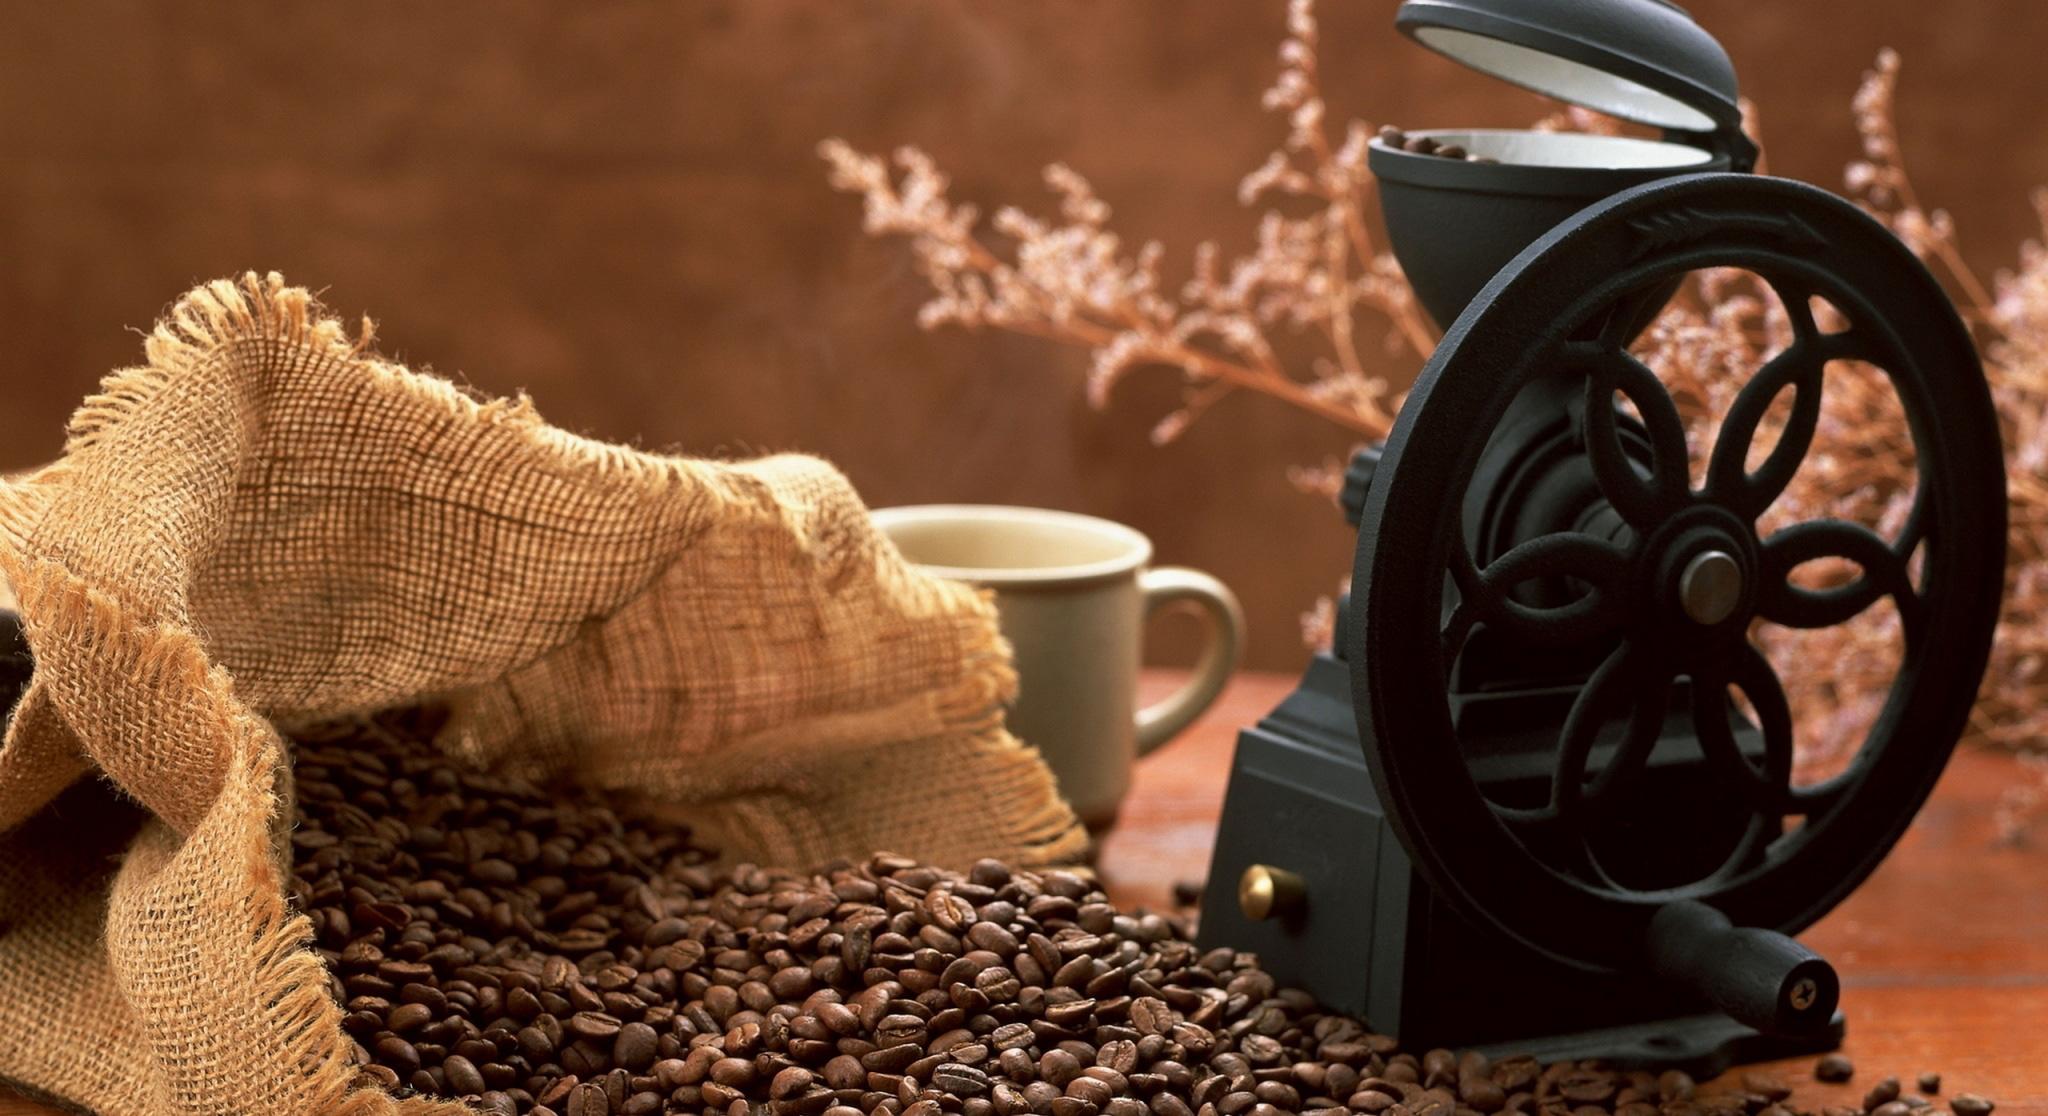 Ein offener Sack Kaffeebohnen mit einer alten handbetriebenen Kaffeemühle im Café Hängebrücke Goms